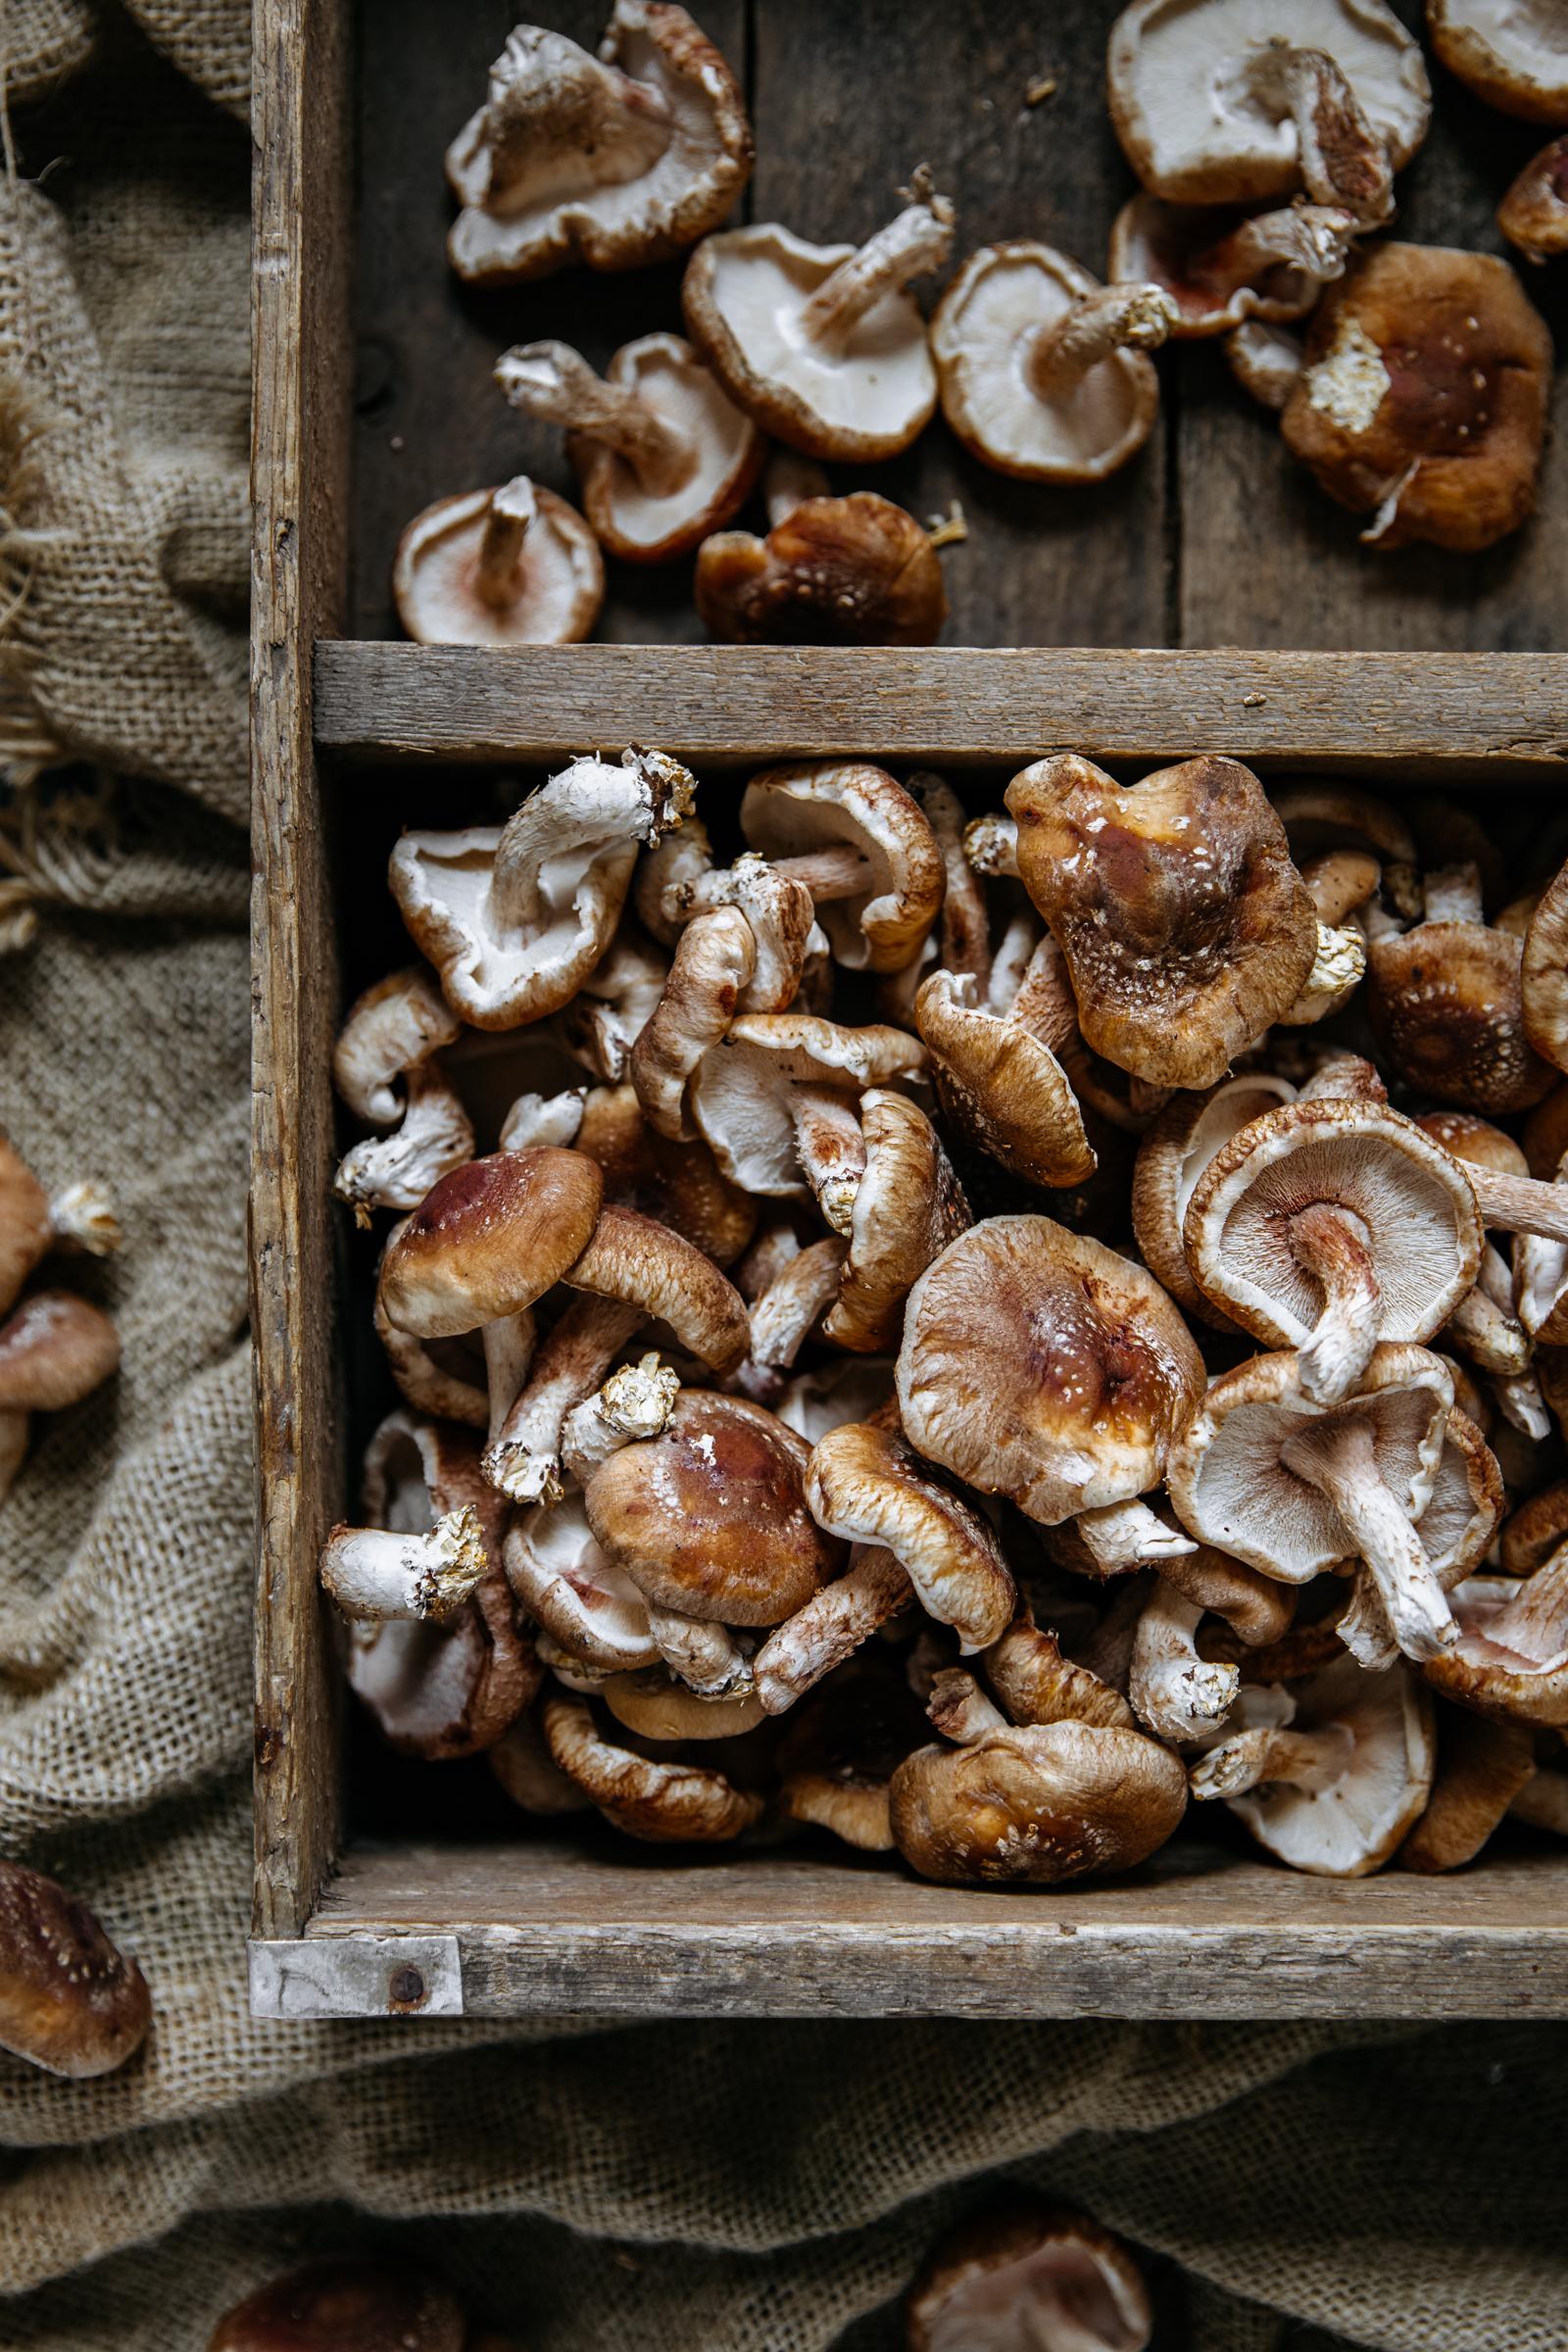 Crate of shiitake mushrooms